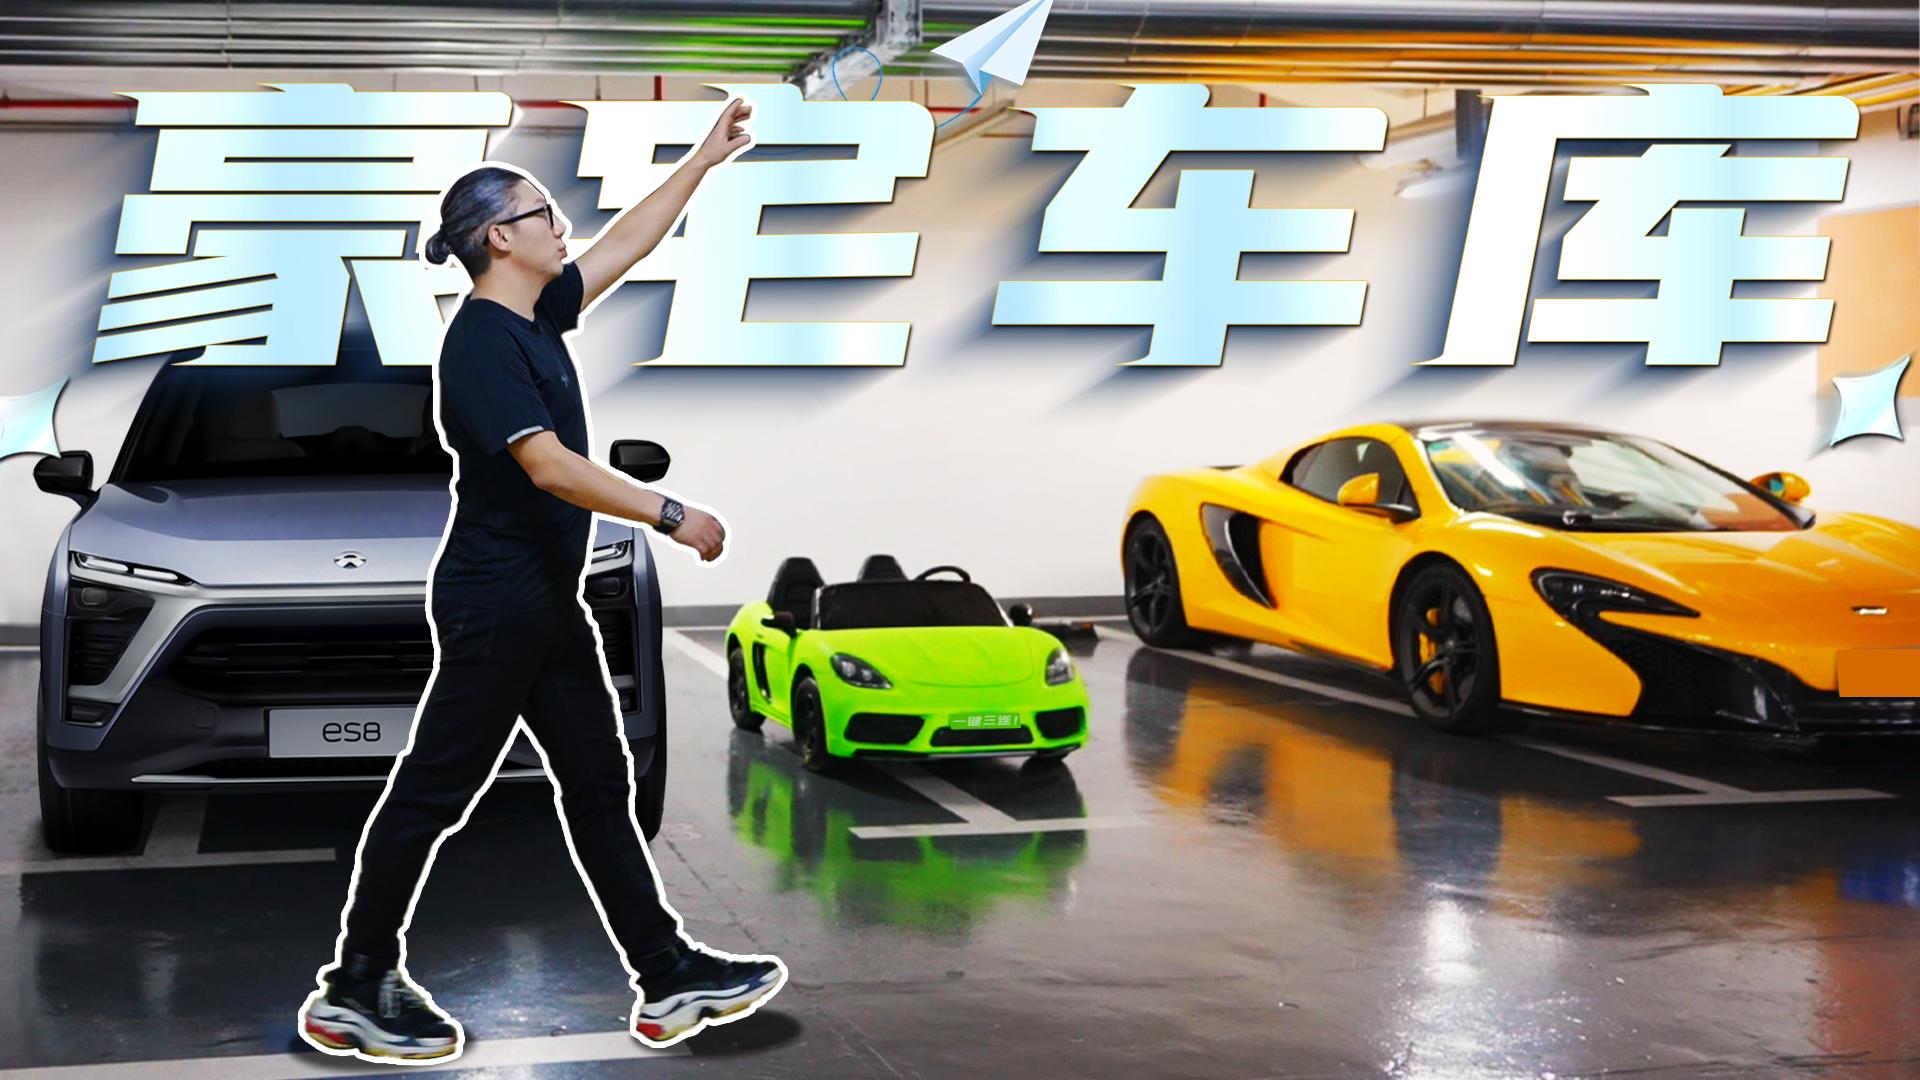 艾说|上海豪宅车库除了豪车,还有哪些秘密不得不说